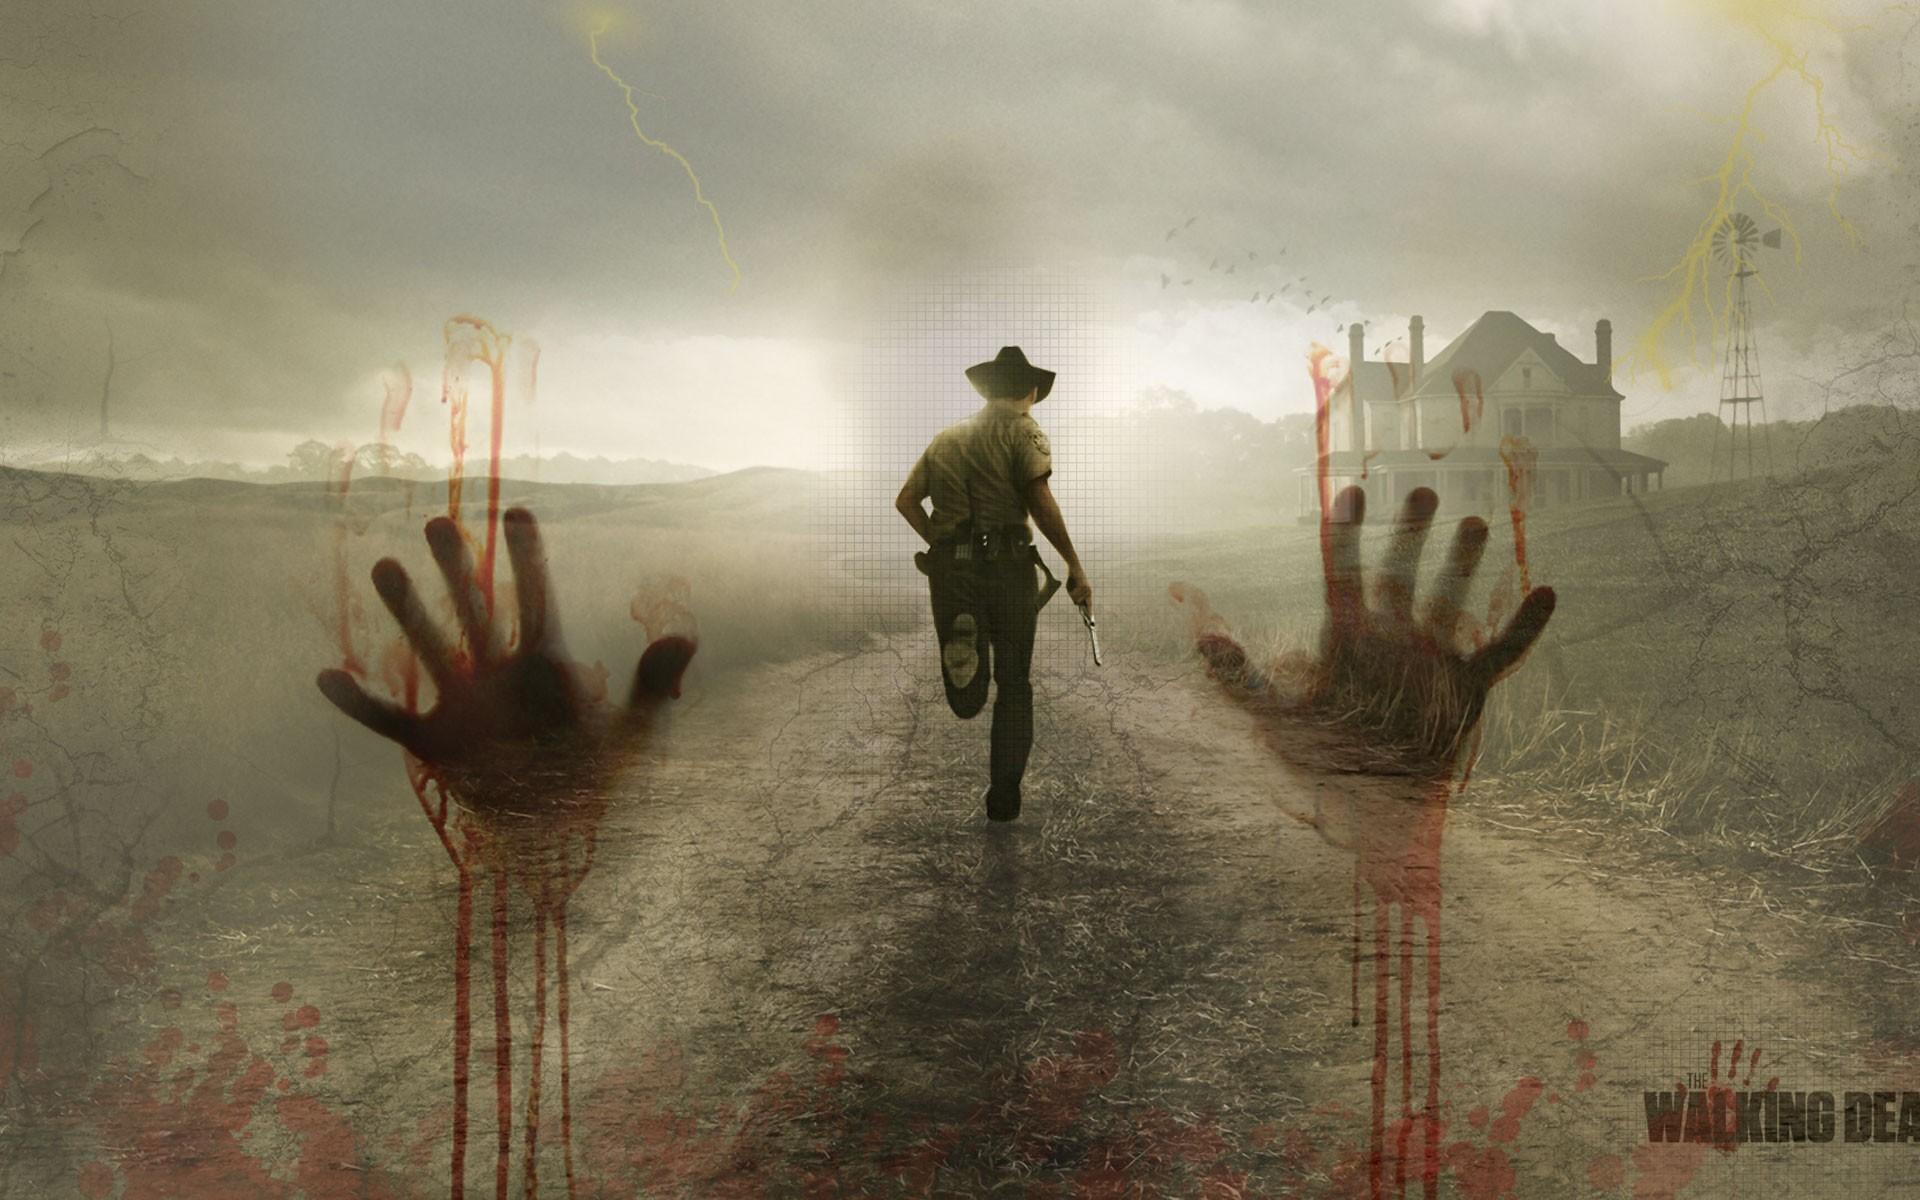 The-Walking-Dead-season-4-01053-Hd-Wallpaper-Background